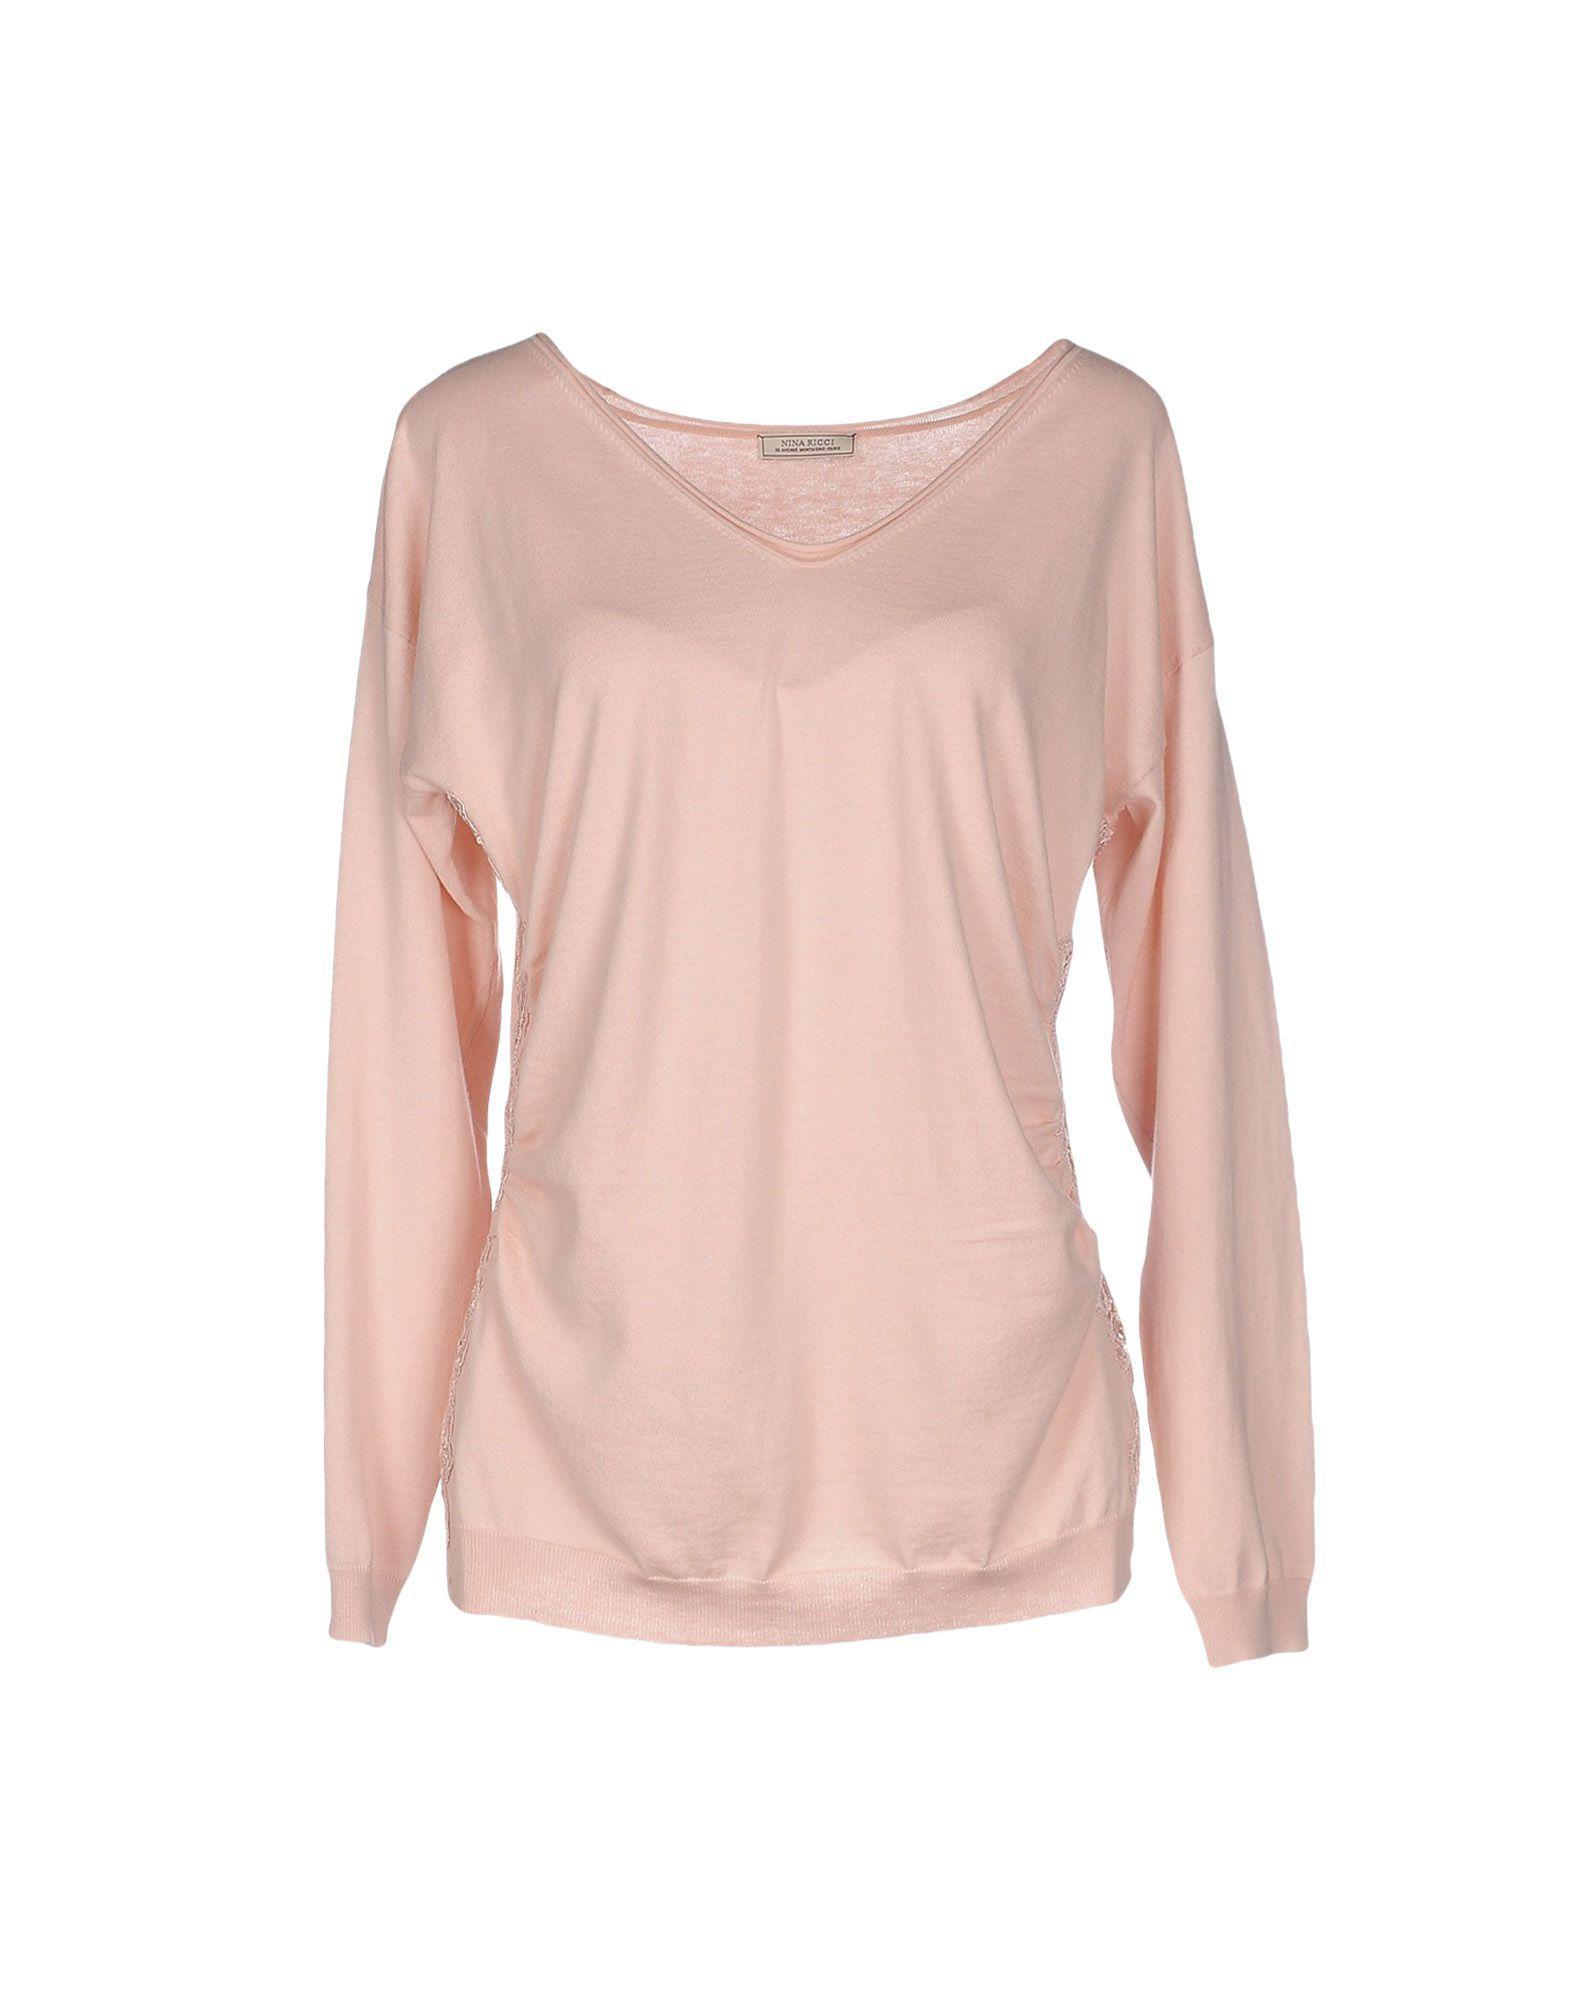 Nina Ricci Sweater In Light Pink